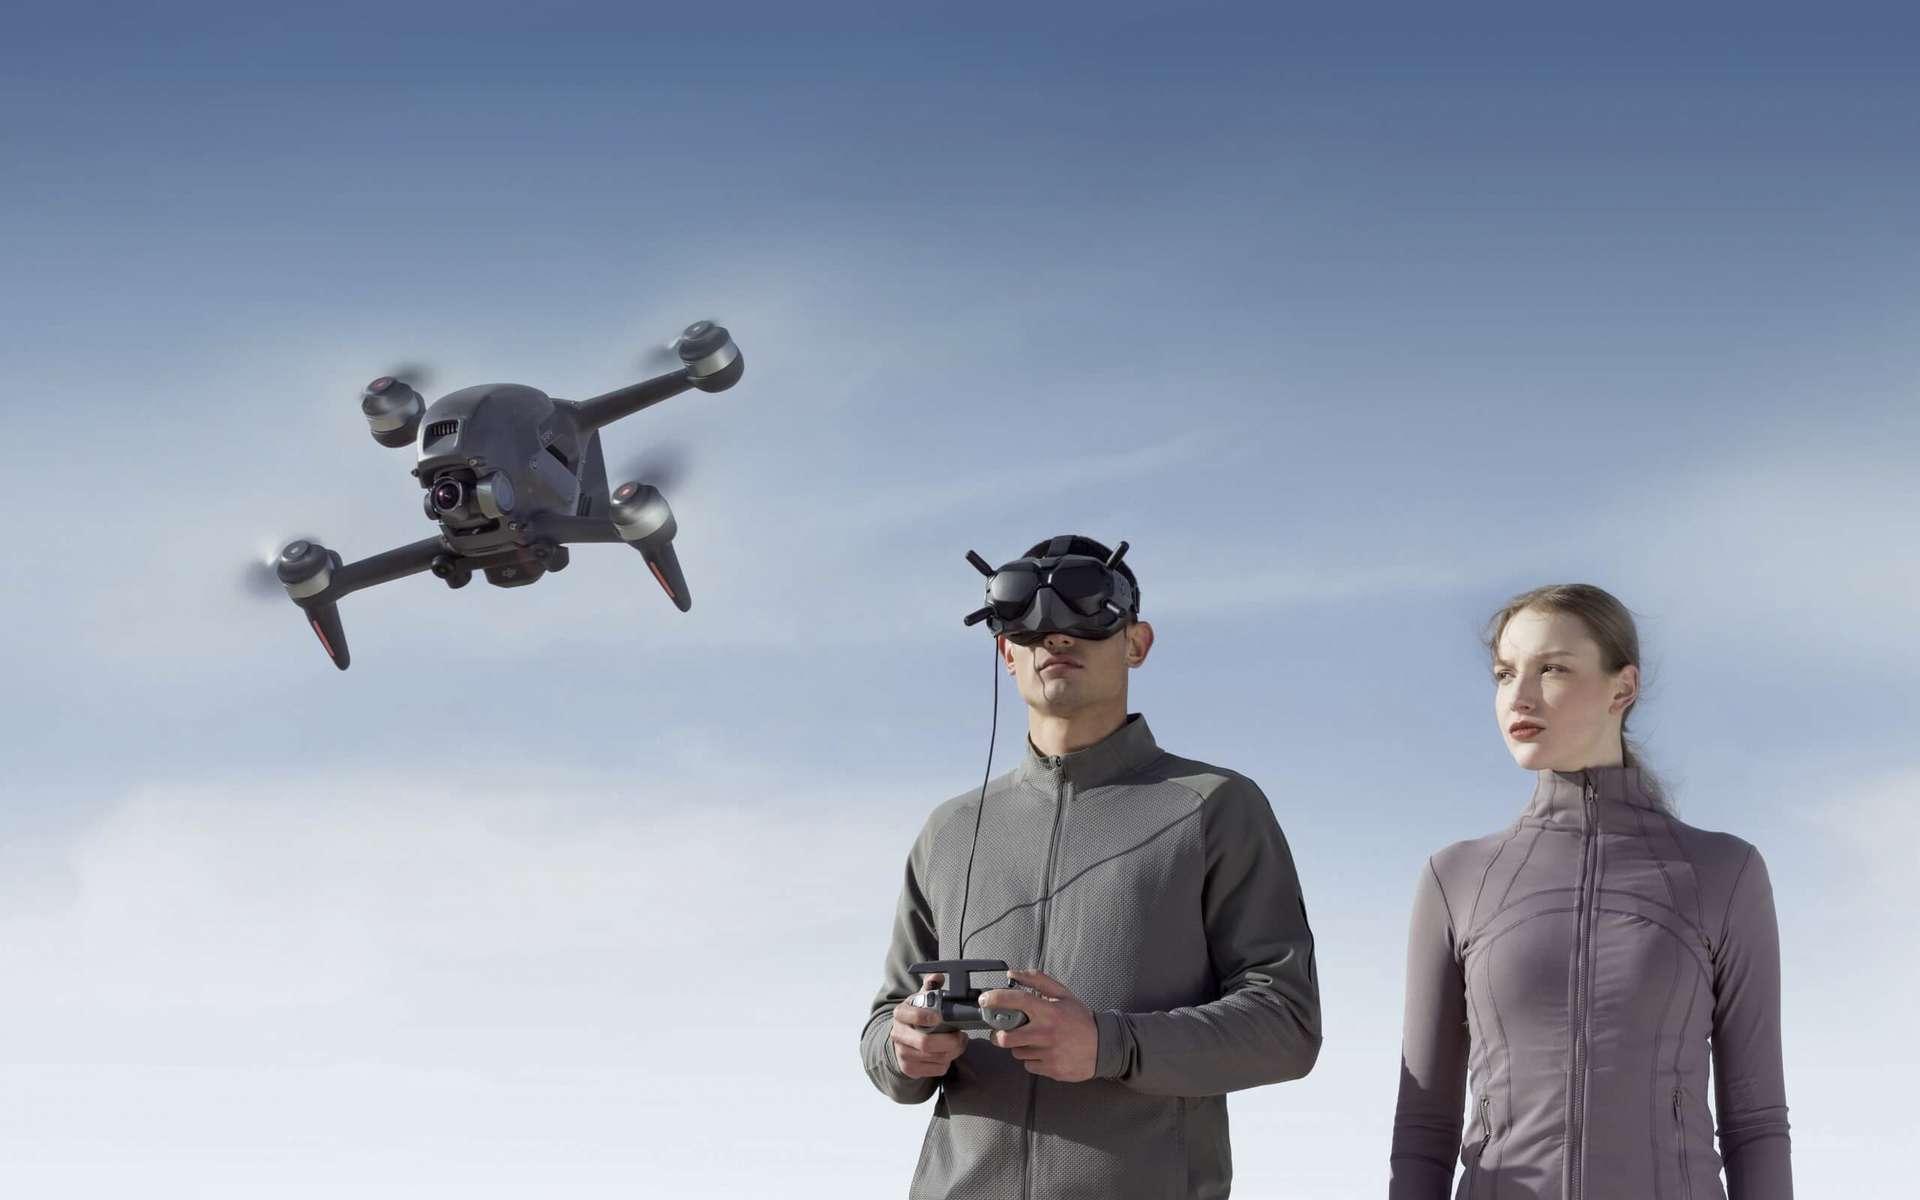 Le drone DJI FPV peut tout aussi bien être pris en main par un débutant absolu ou un pratiquant confirmé des courses de drones. © DJI